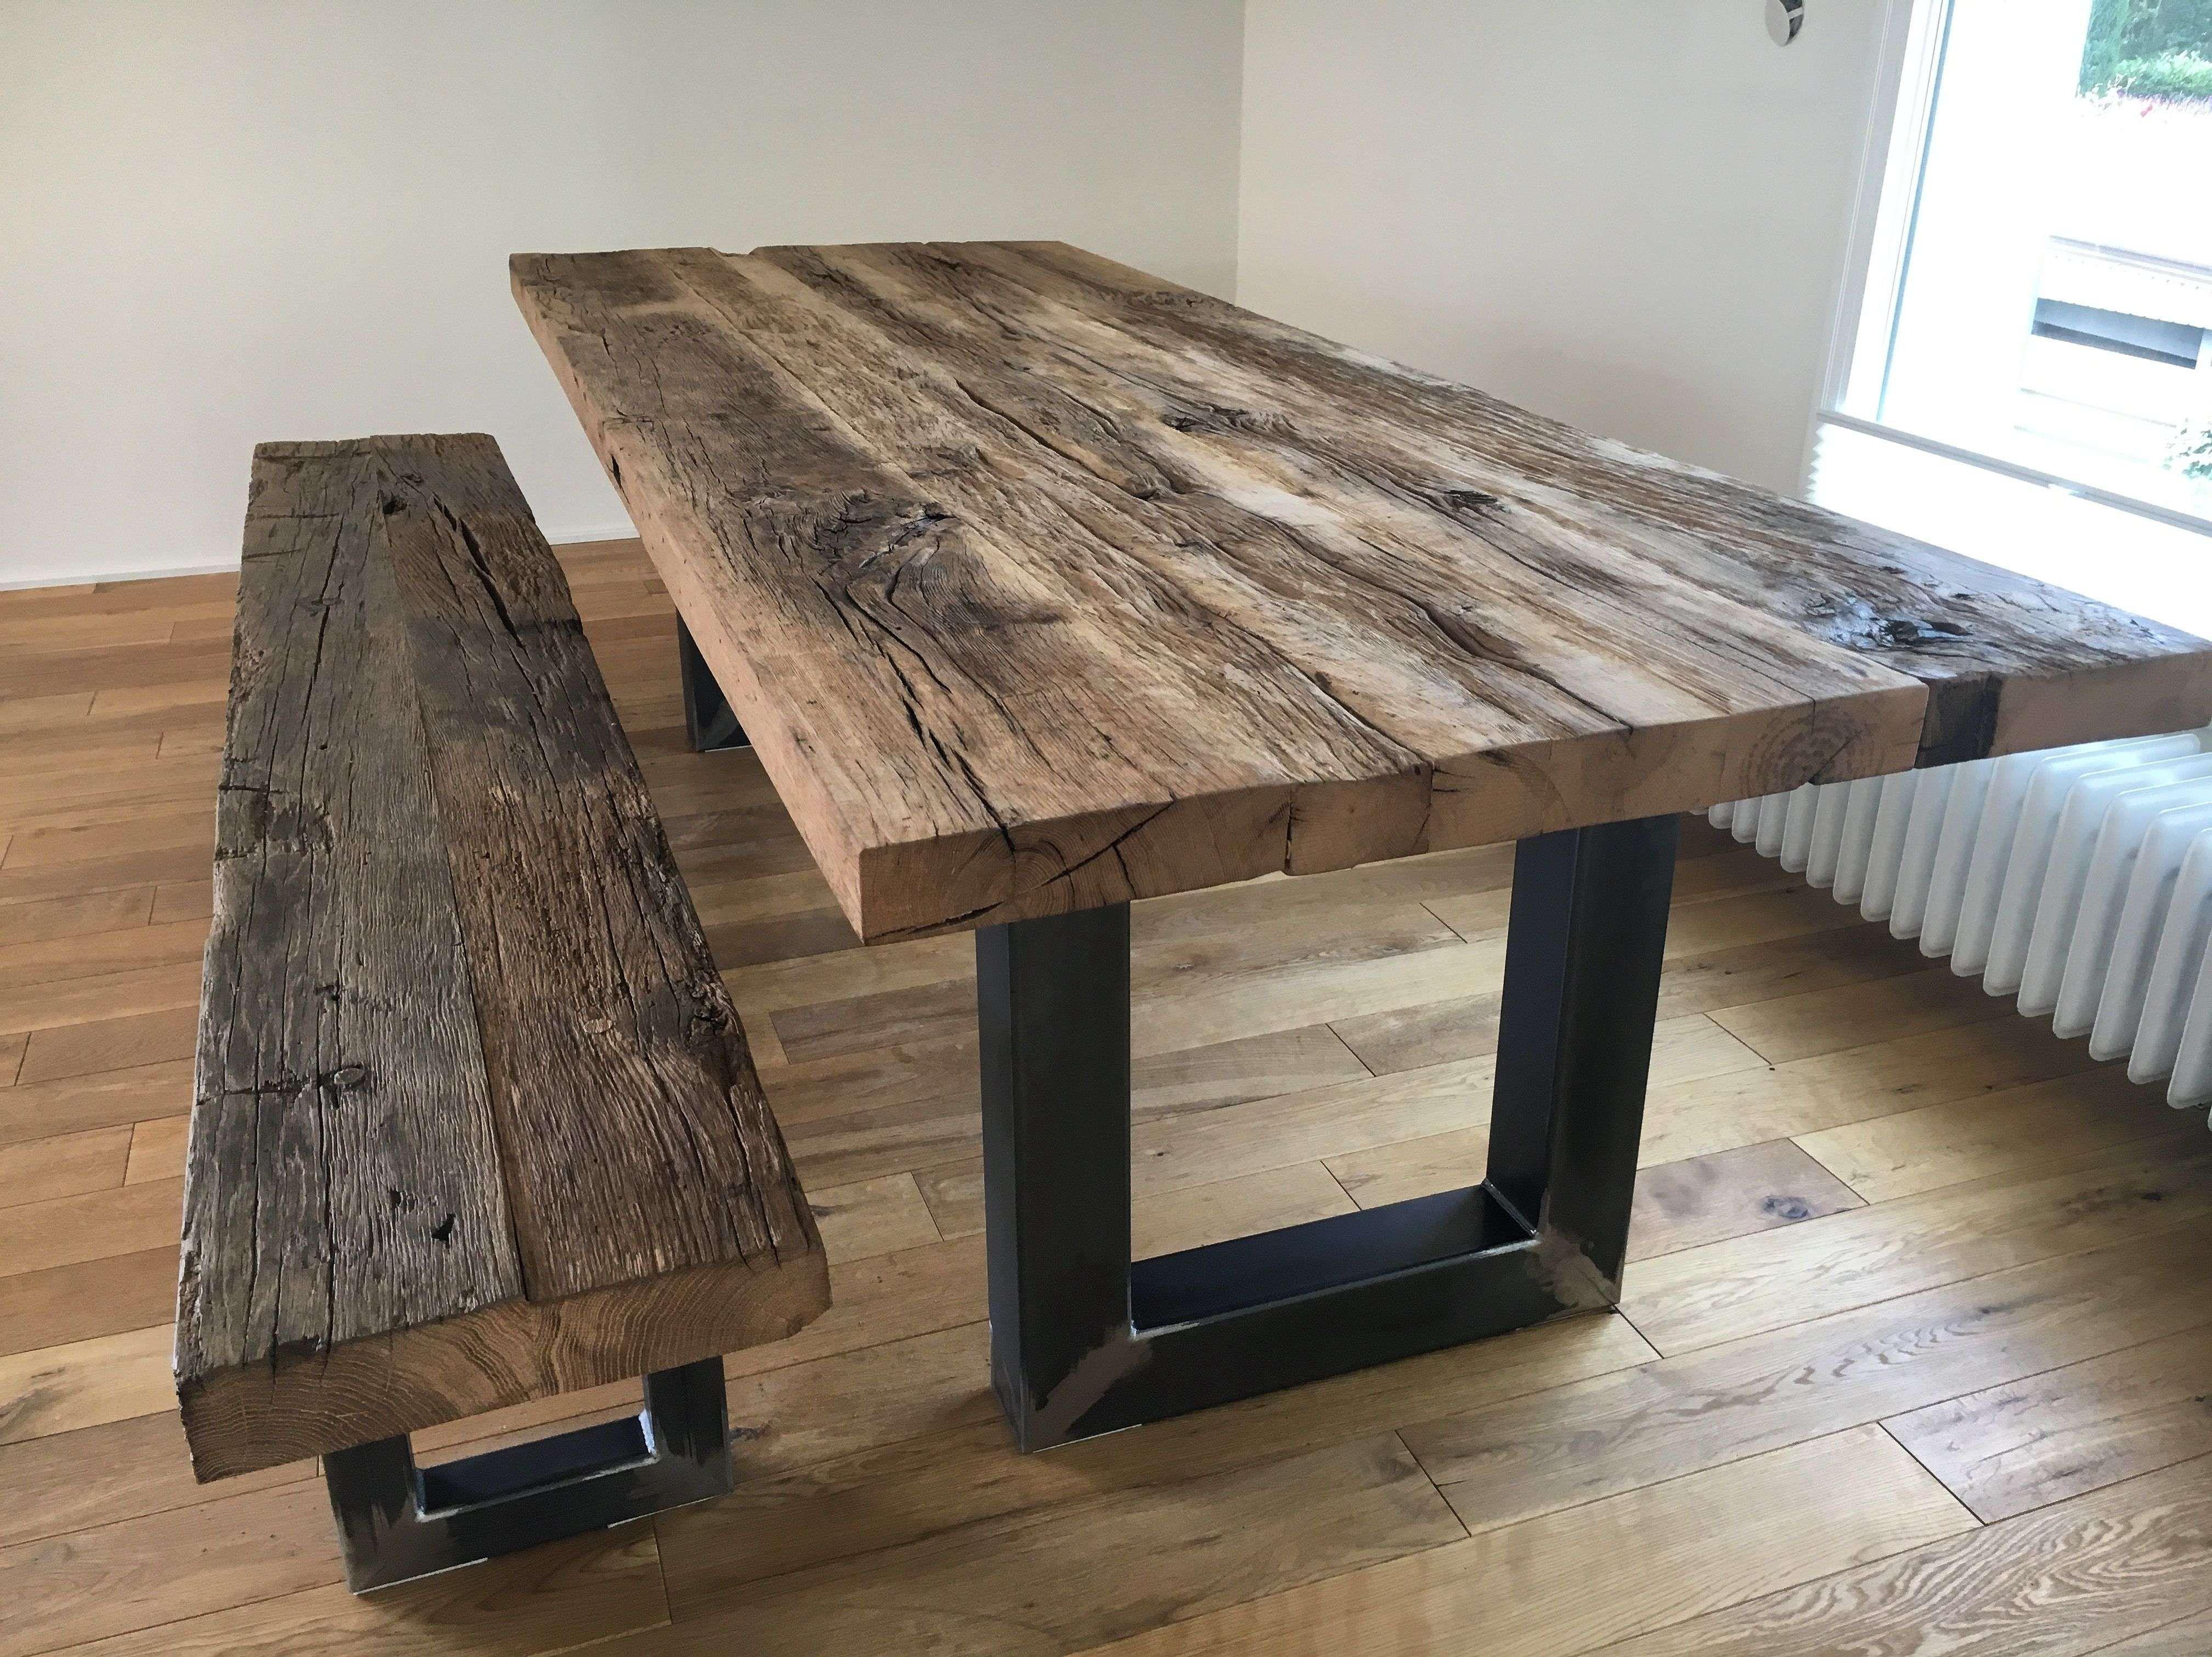 Tisch Baumkante 160 Massivholztisch Esstisch Holztisch Eichentisch Altholz Tisch Table Alter Holztisch Eichentisch Massivholztisch